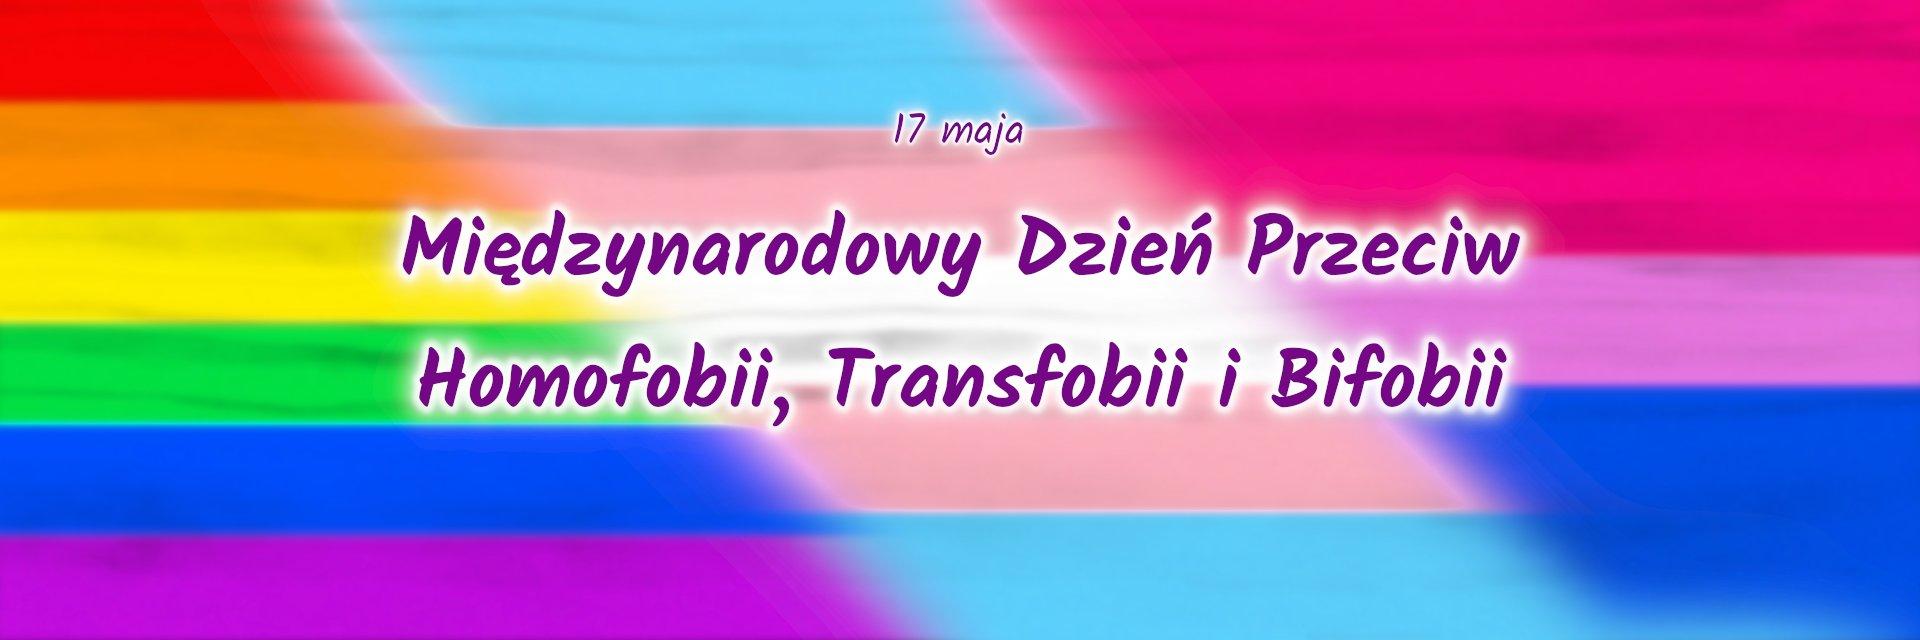 17 maja - Międzynarodowy Dzień Przeciw Homofobii, Transfobii i Bifobii